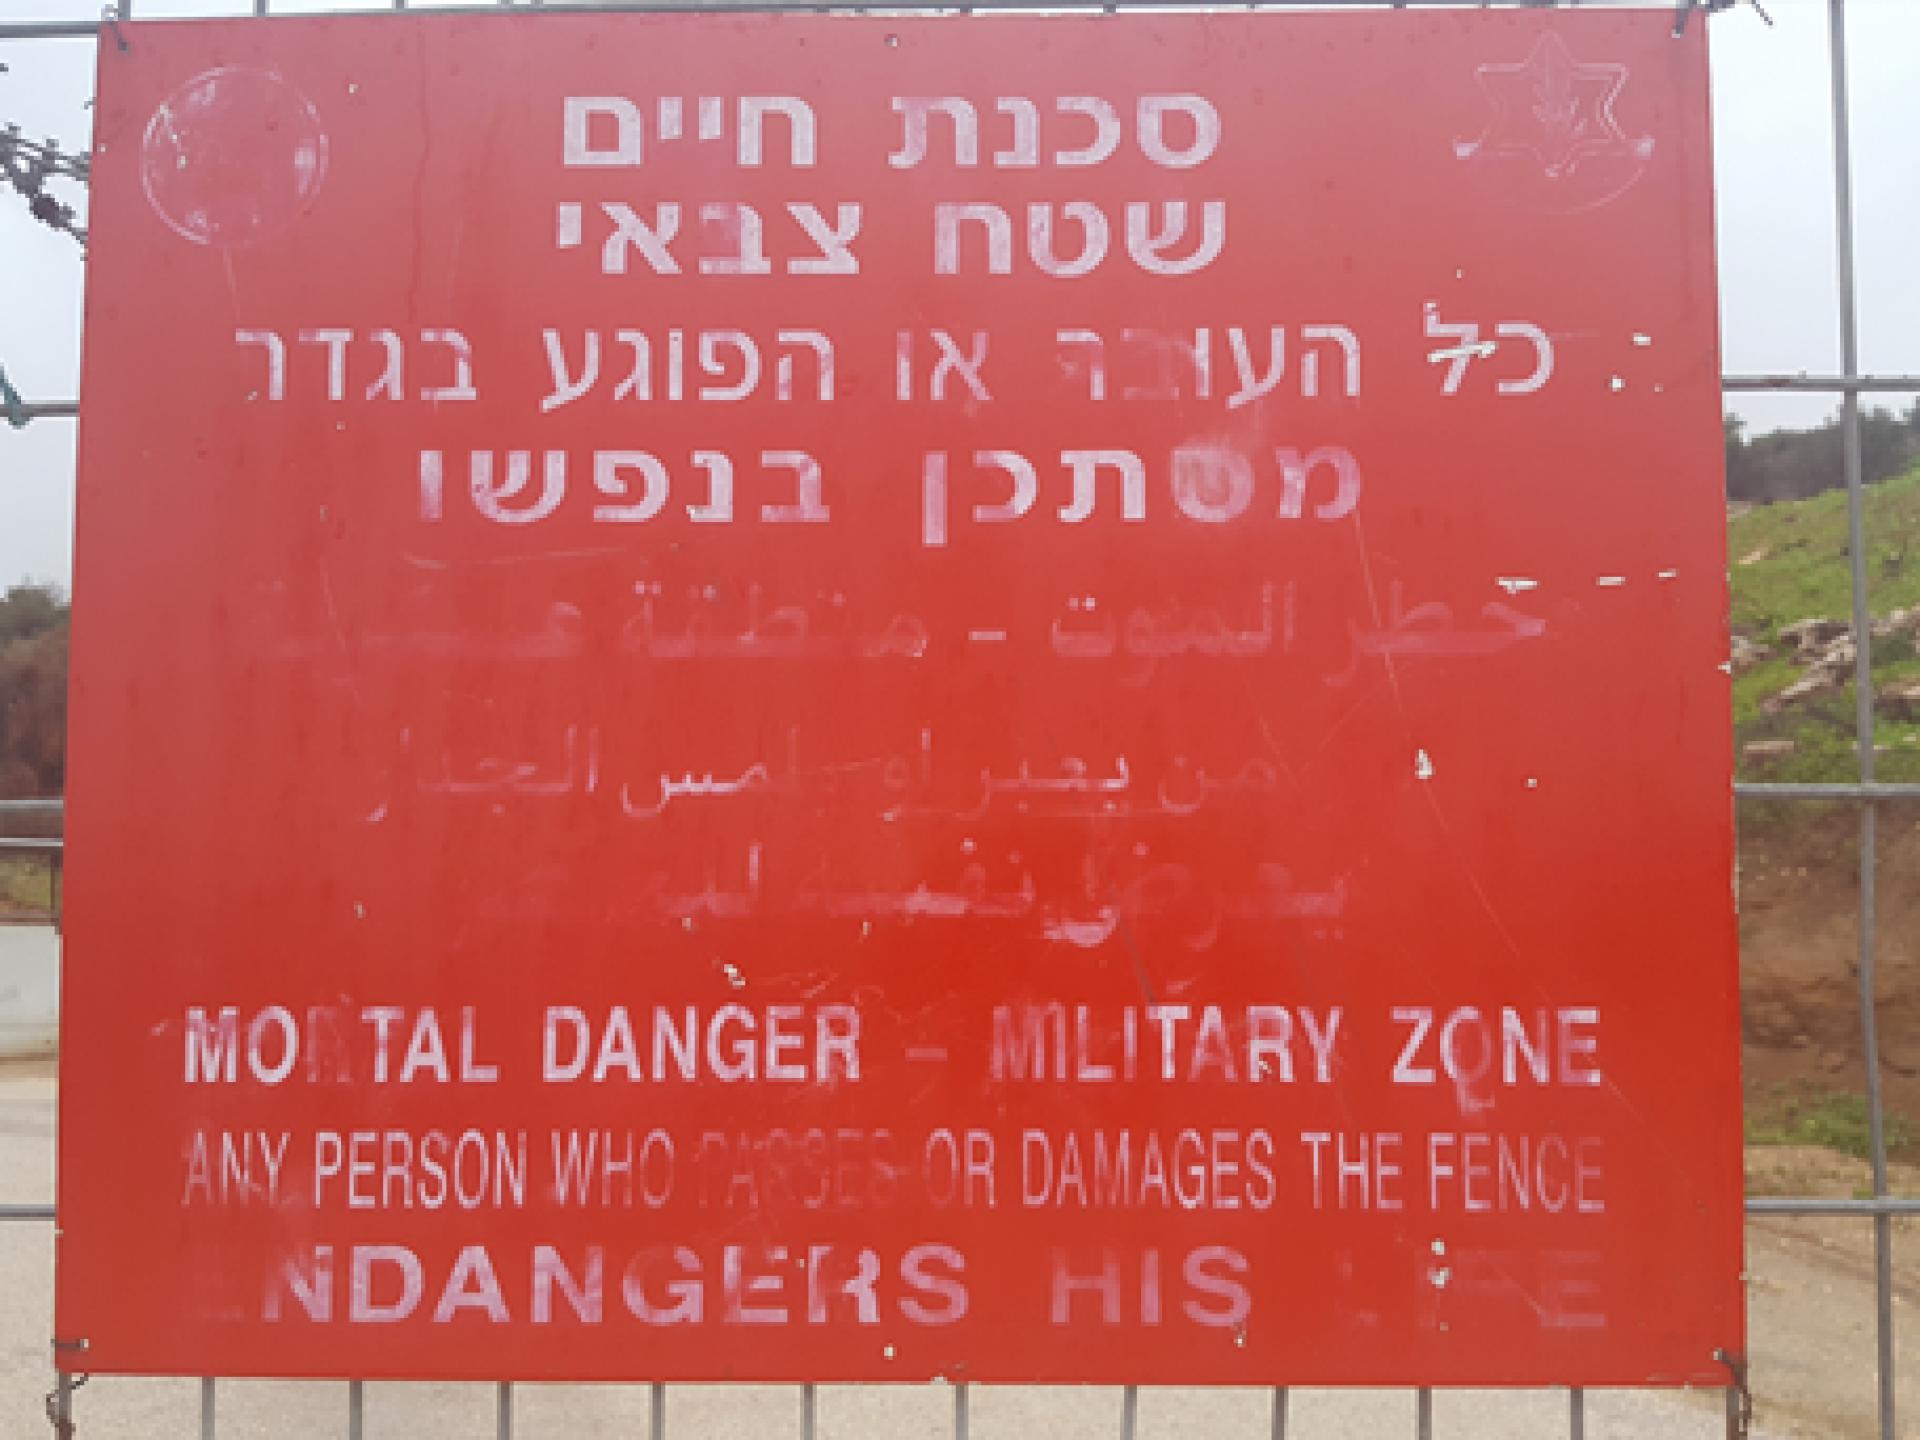 שלט במחסום טייבה רומנה: ככה תשמרו על נפשותיכם